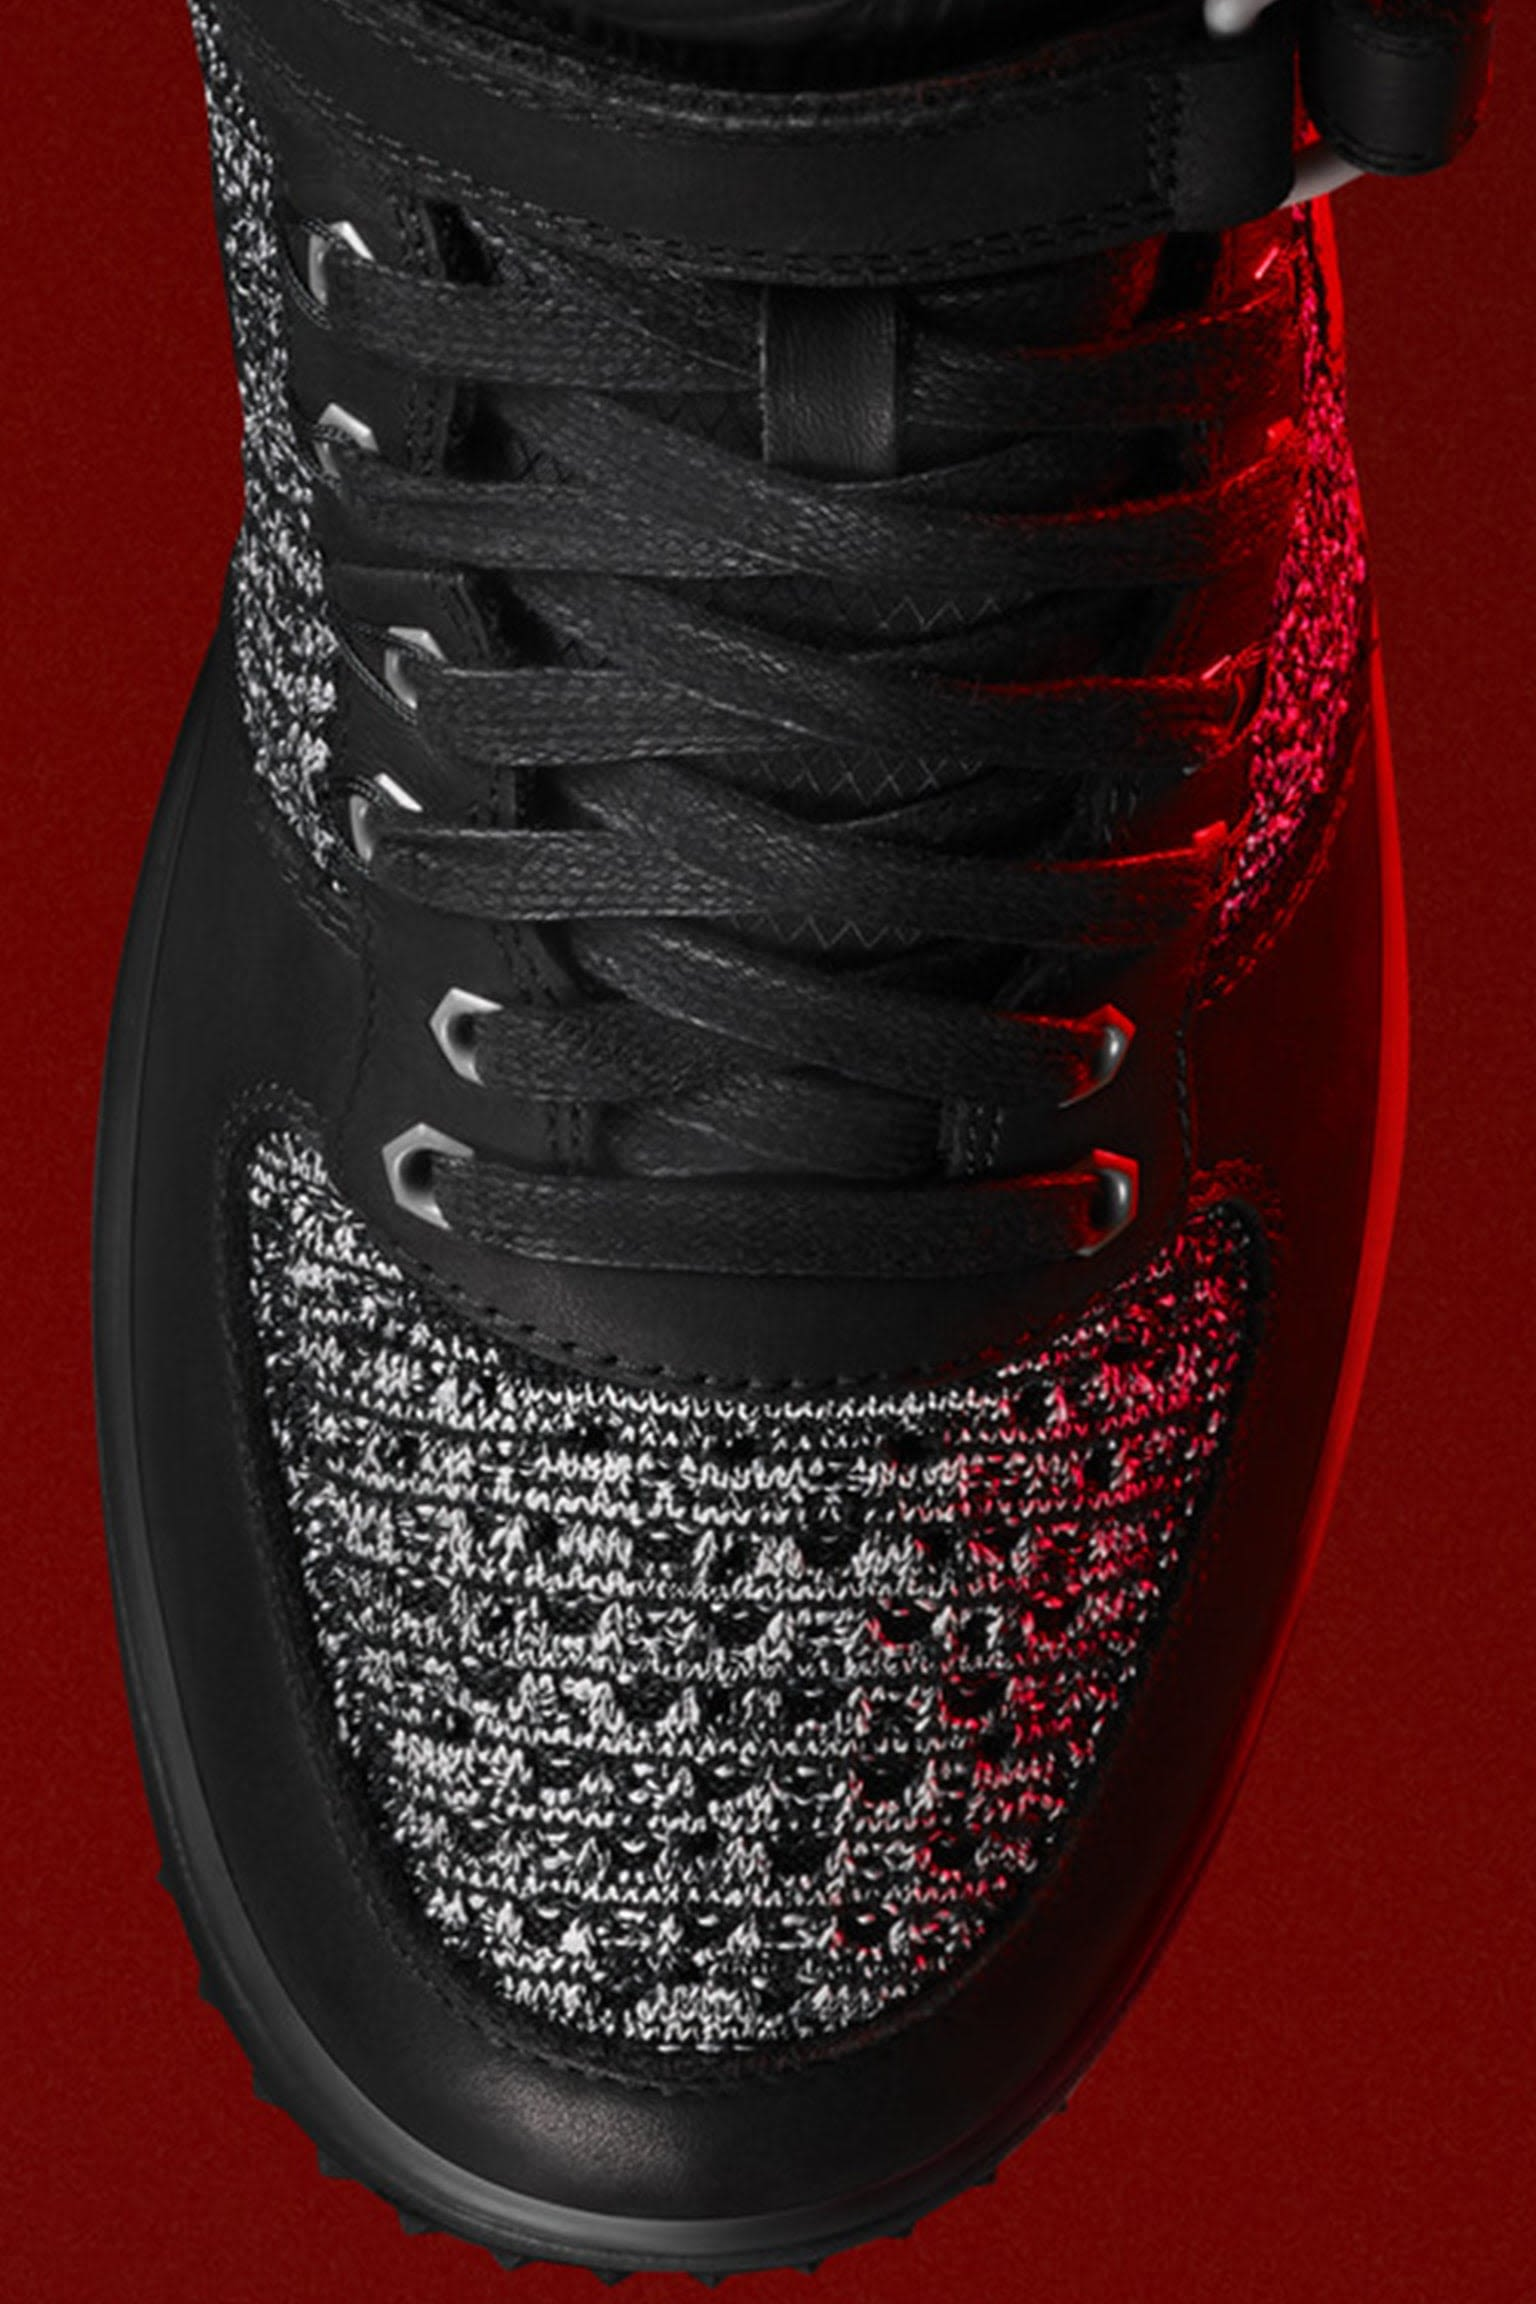 Nike Lunar Force 1 Flyknit Workboot « Black & White » pour Femme. Date de sortie